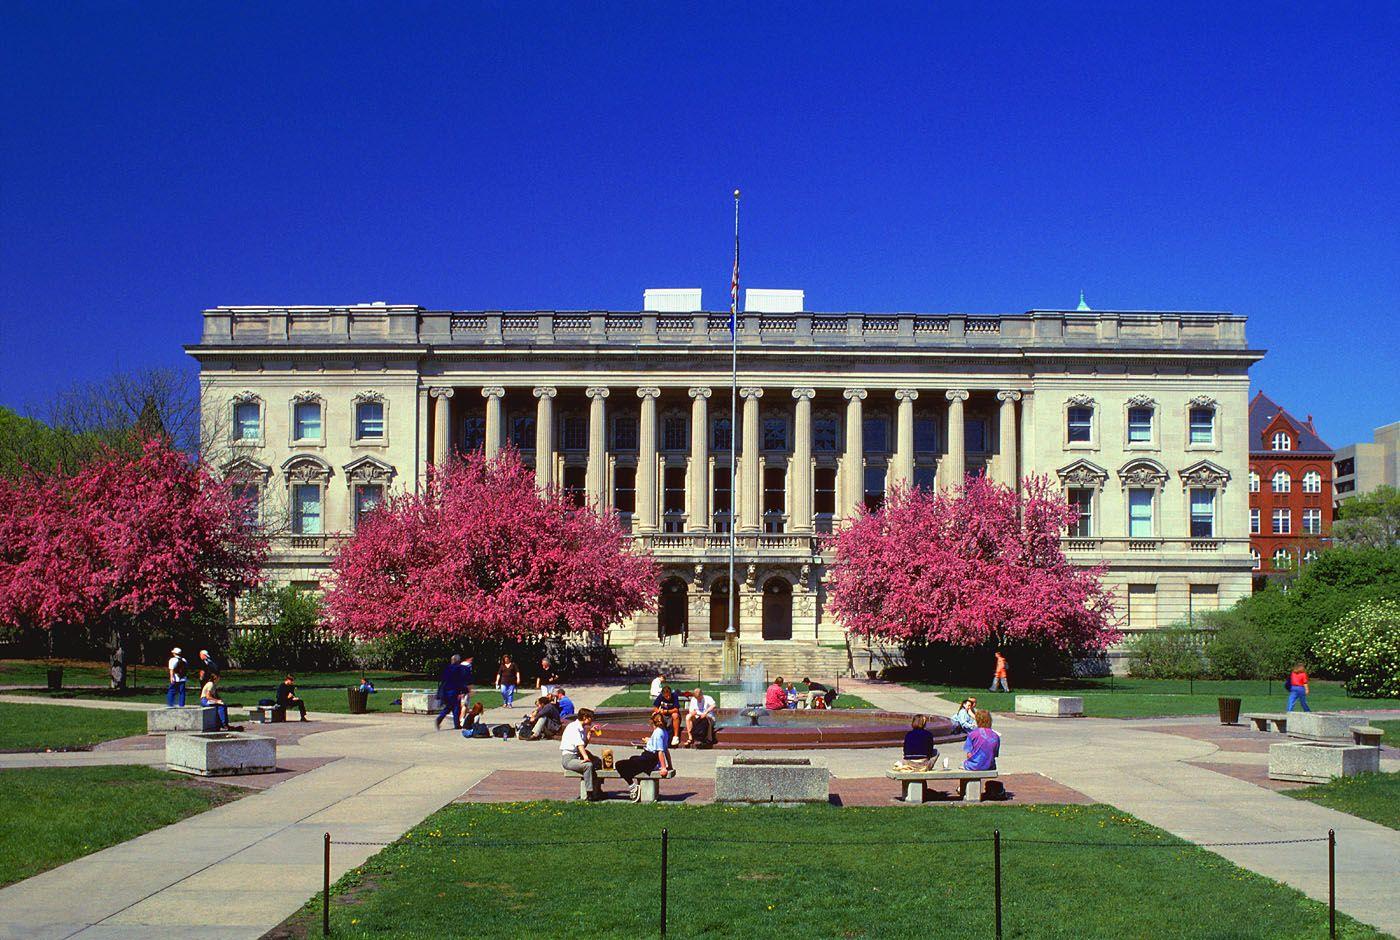 University of Wisconsin University of wisconsin, School